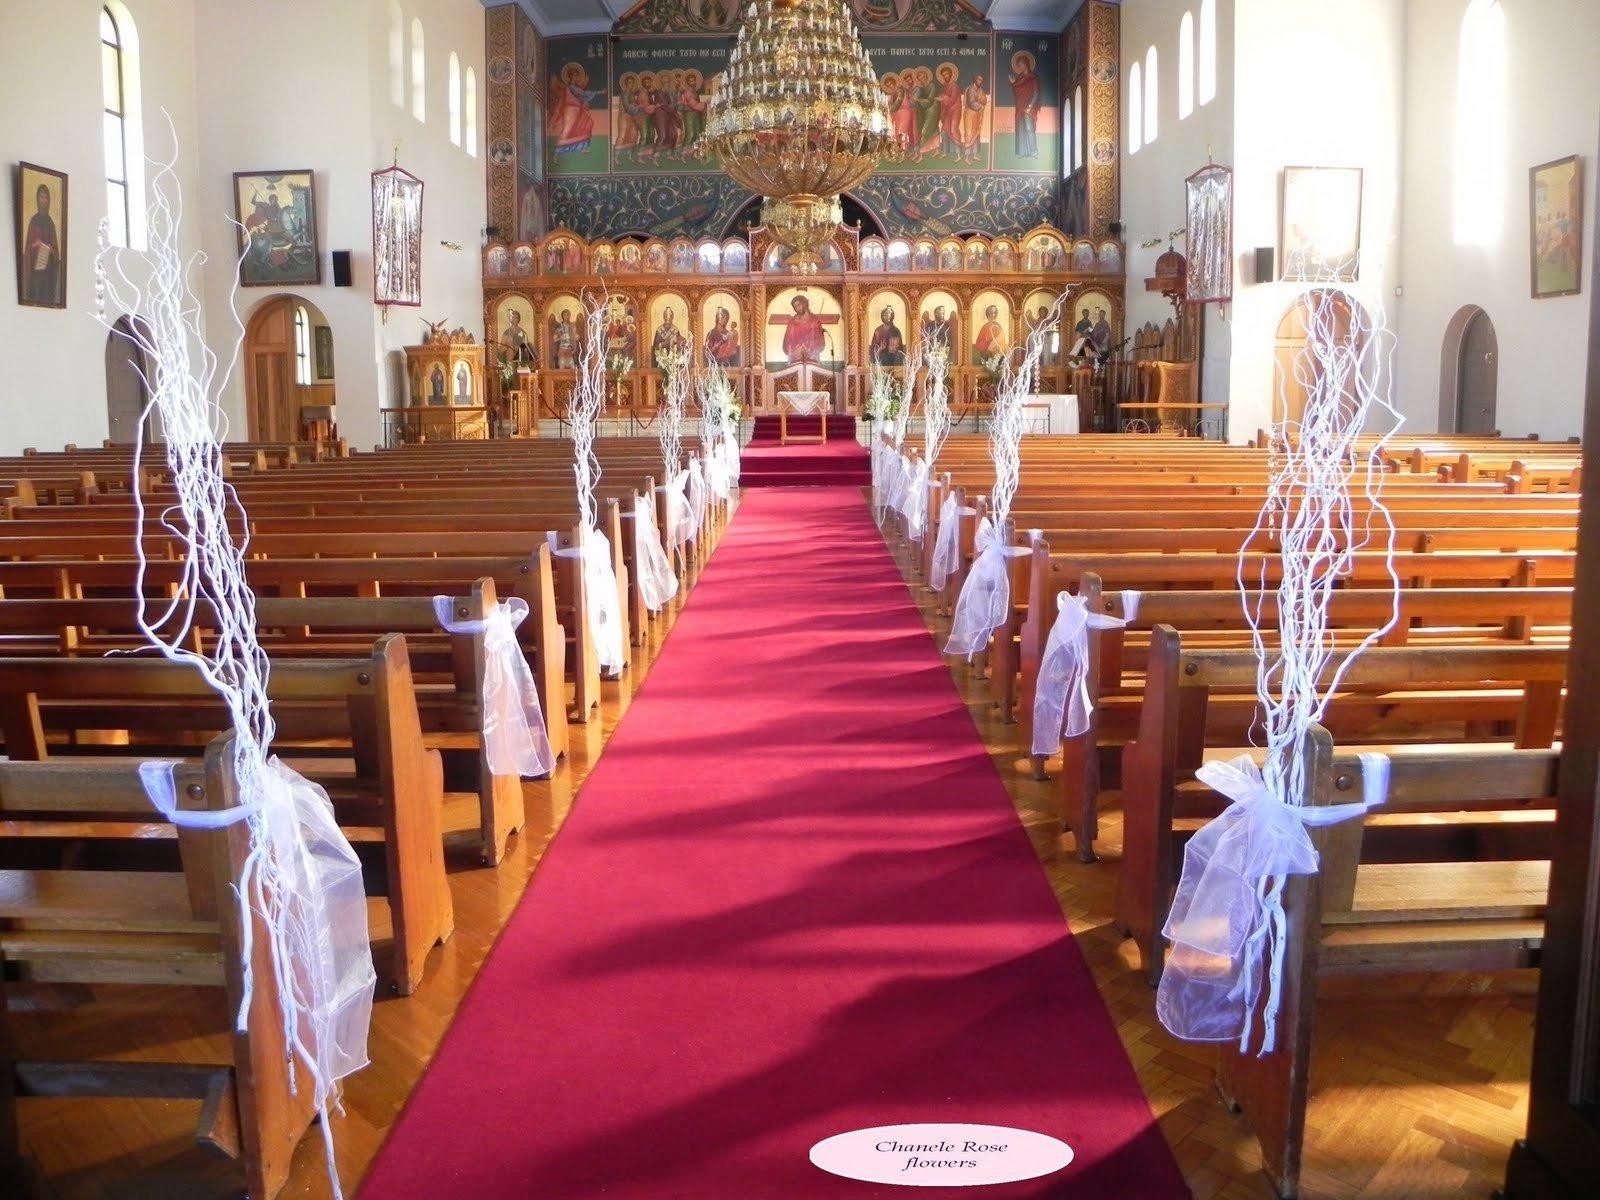 10 Great Wedding Decoration Ideas For Church beautiful church wedding decorations ideas on wedding church